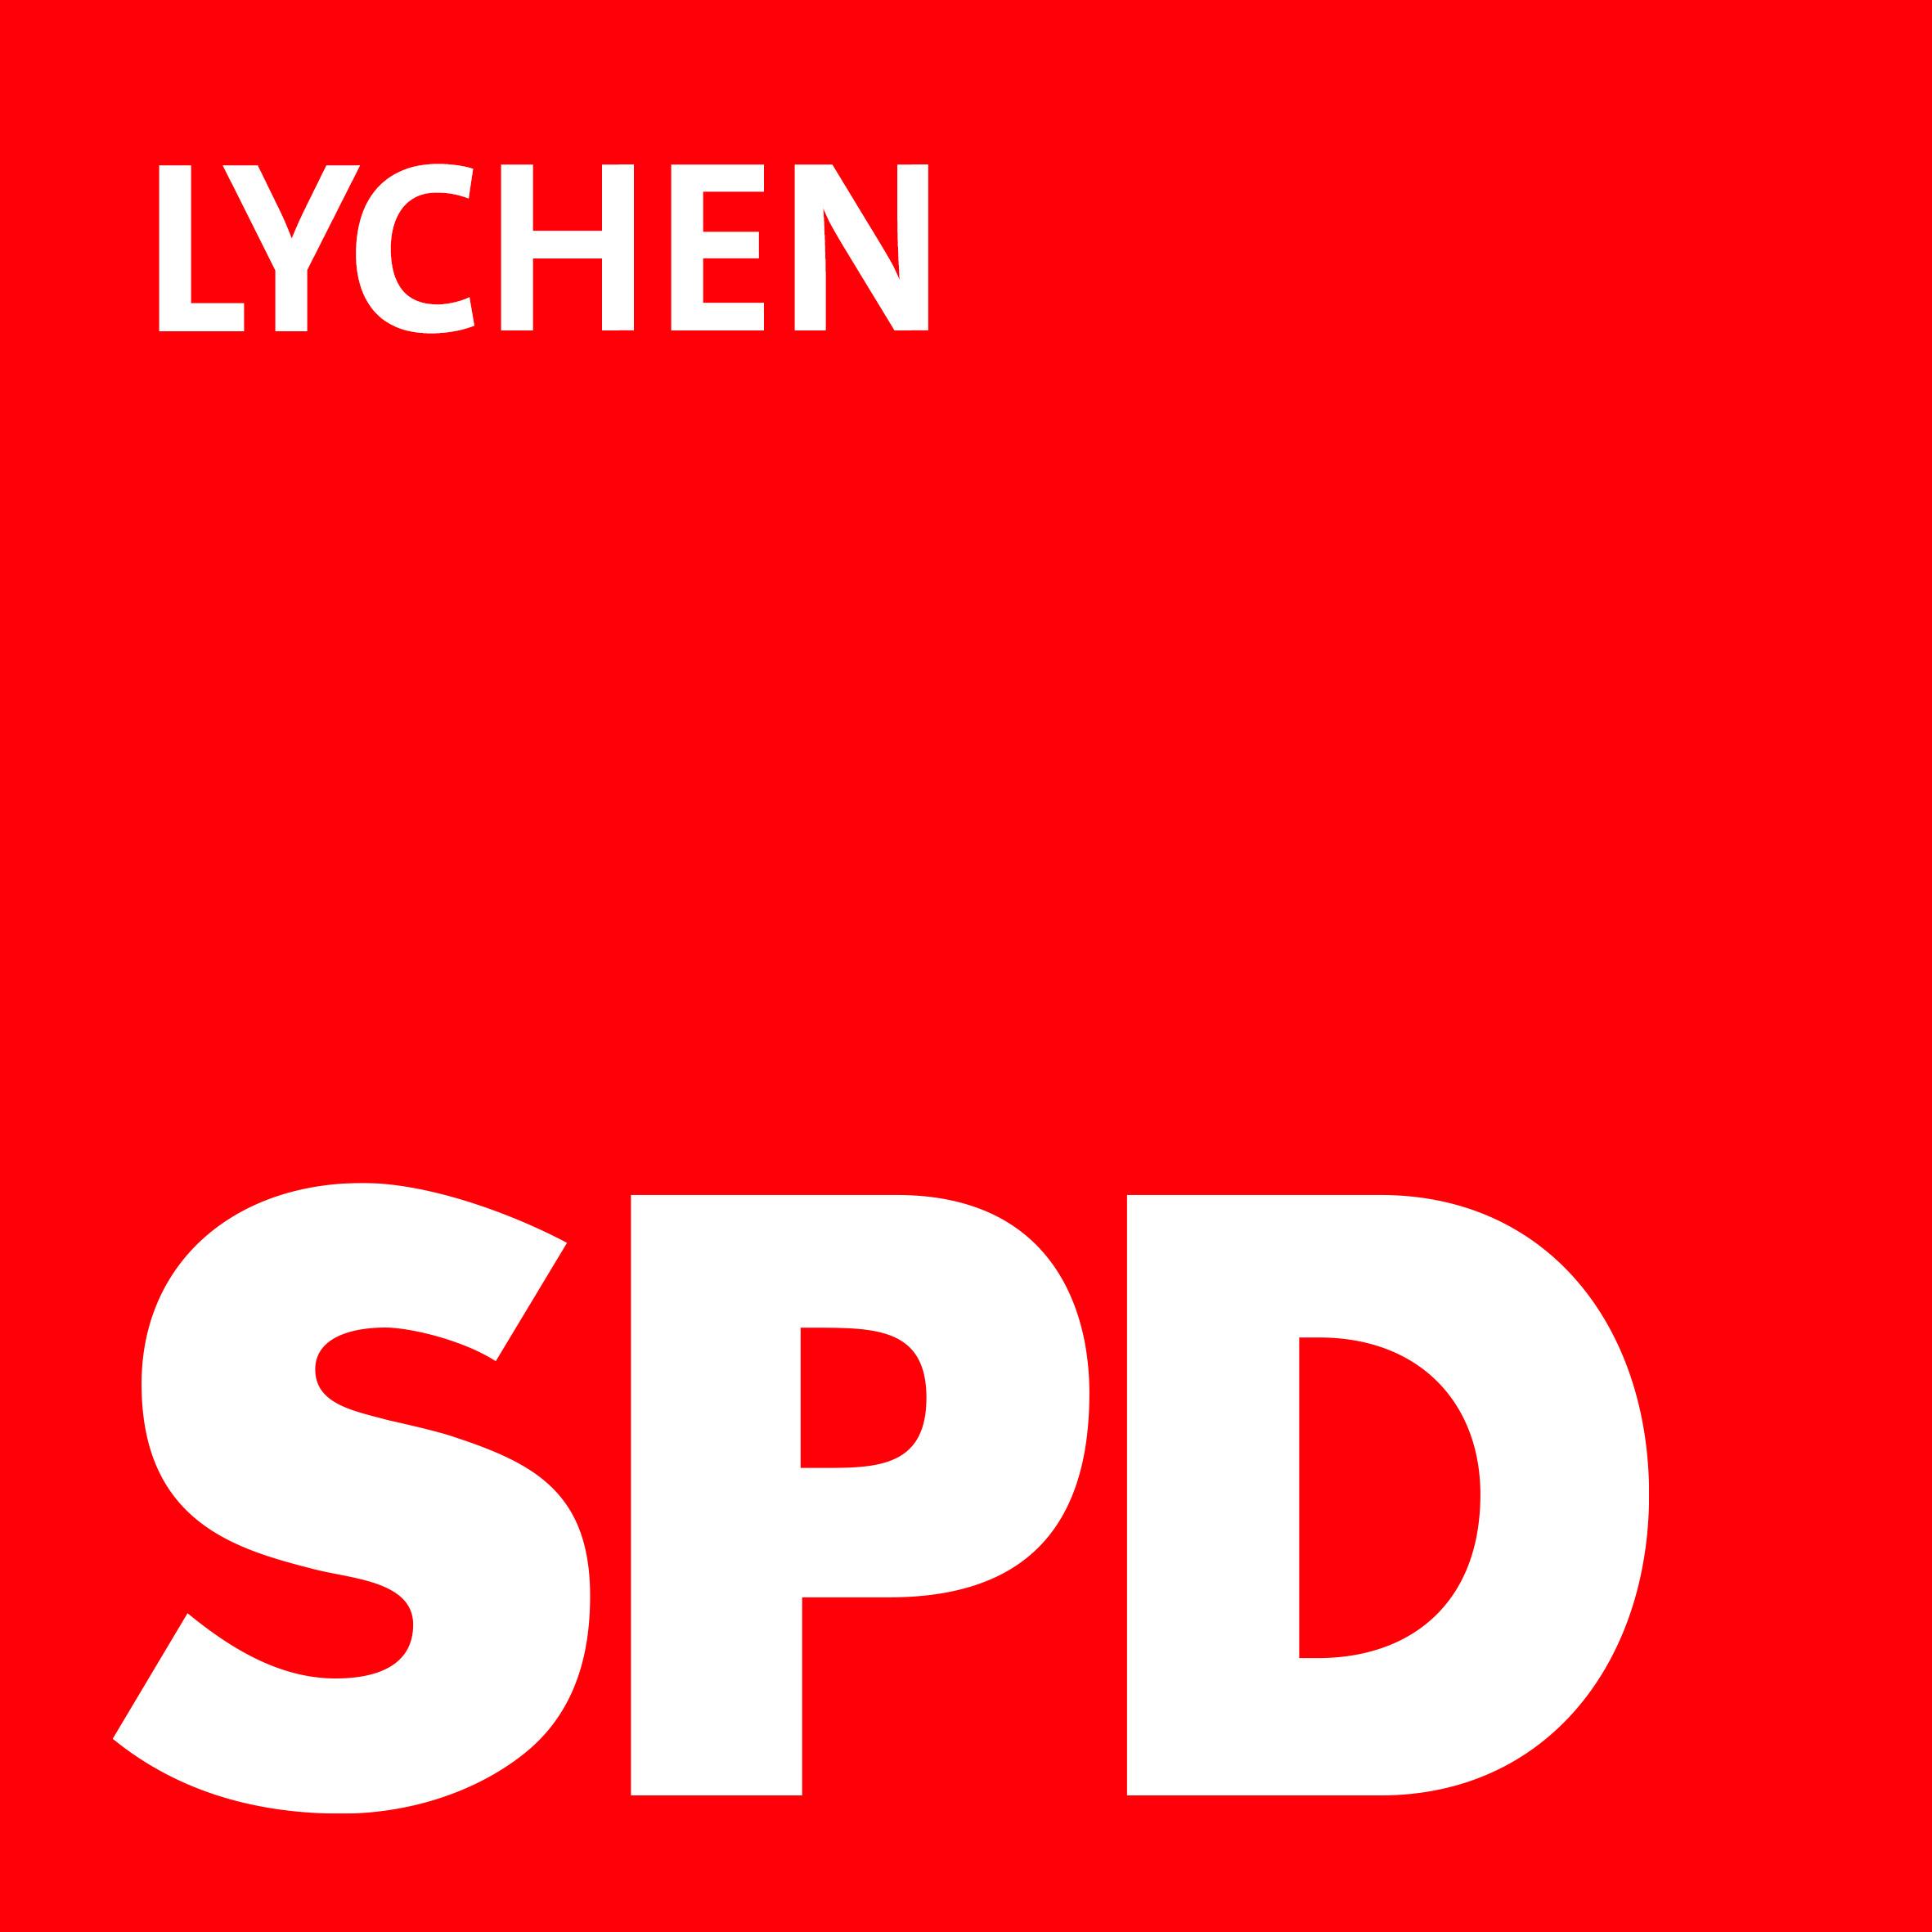 SPD Lychen